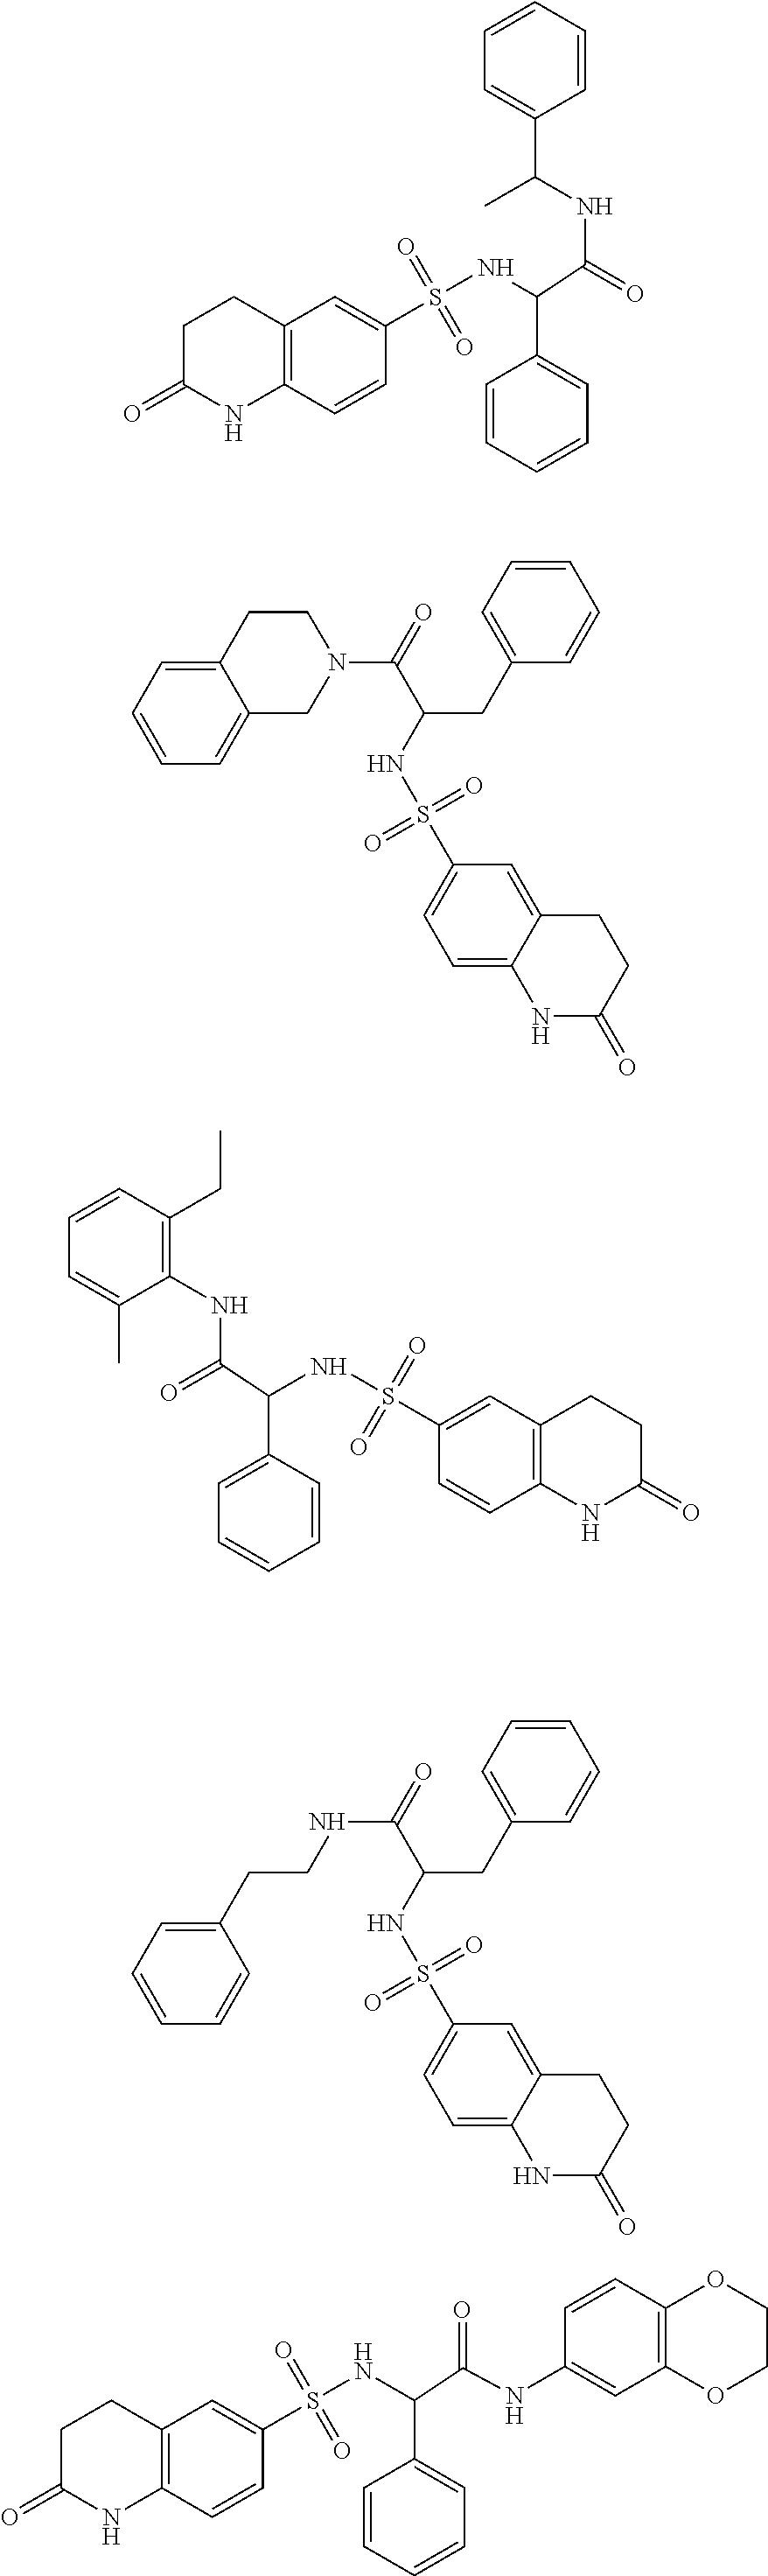 Figure US08957075-20150217-C00018